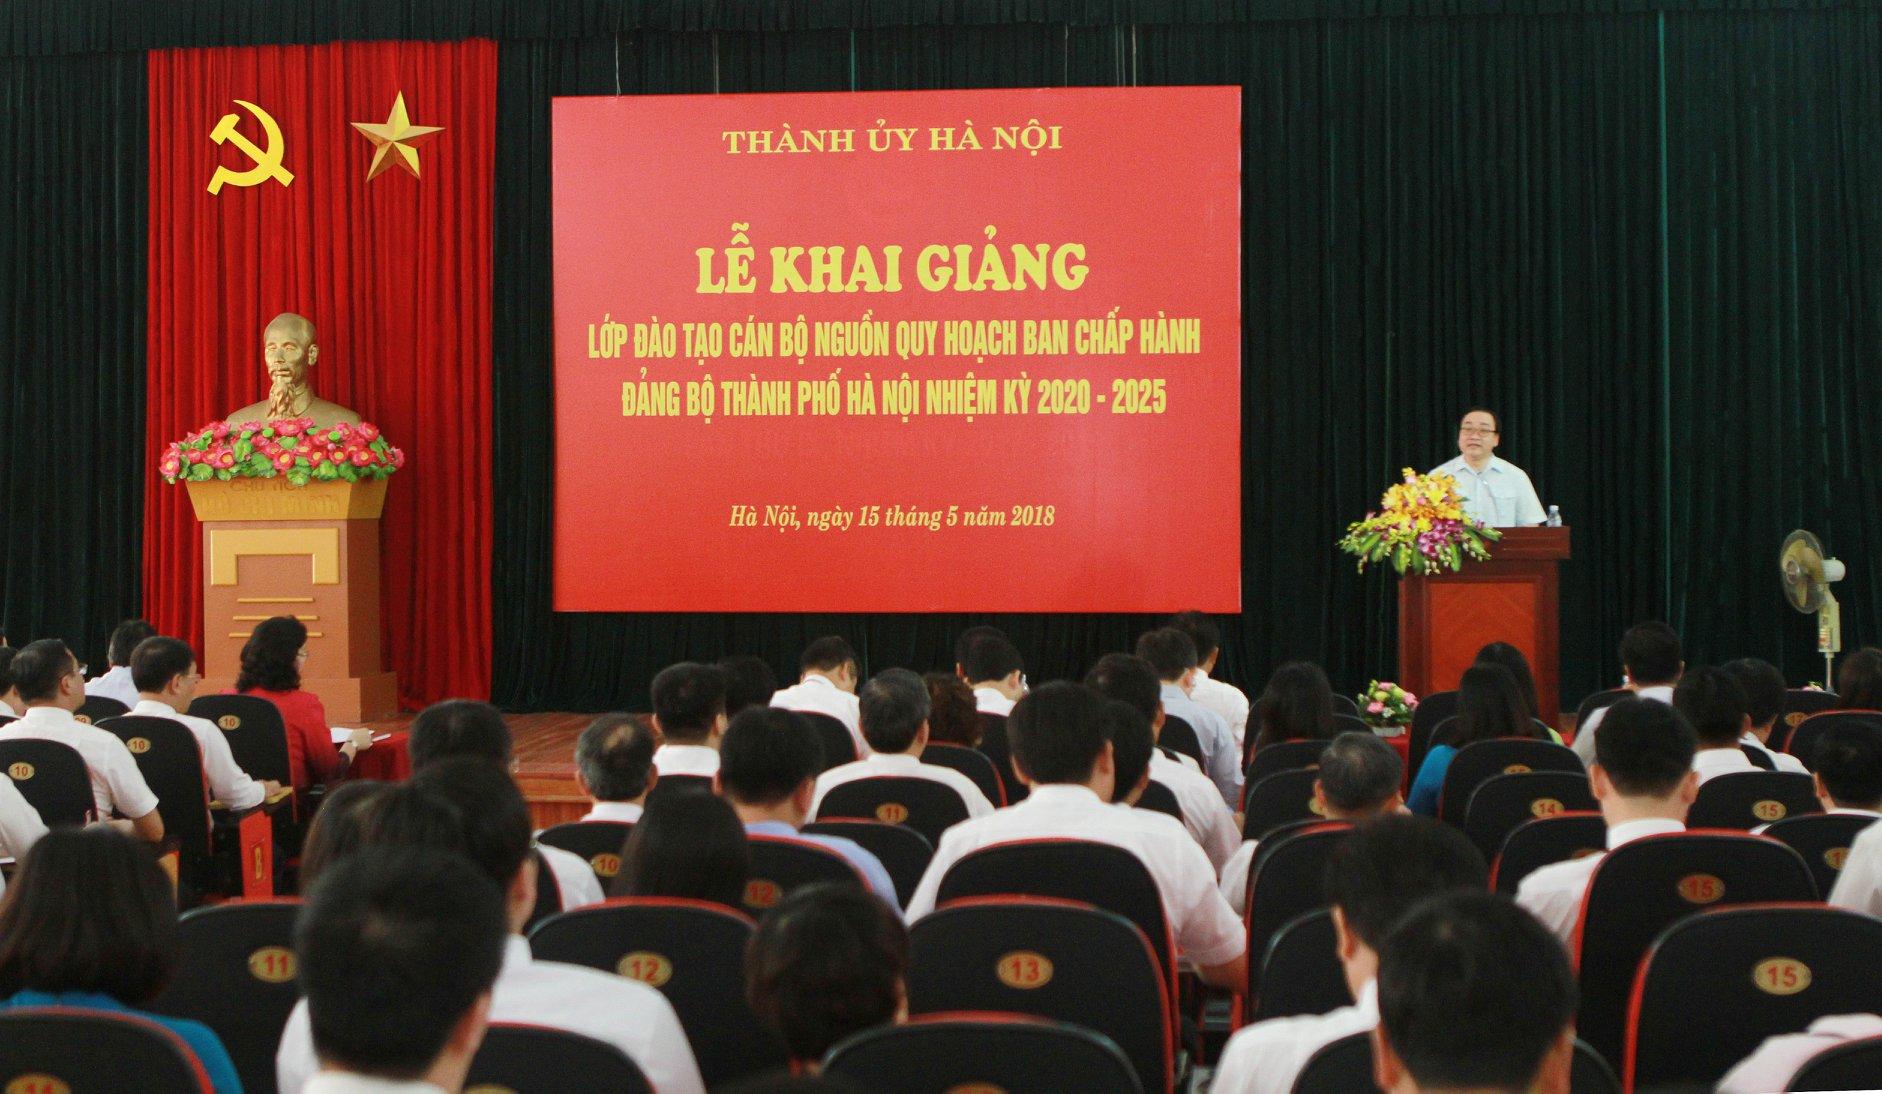 Khai giảng lớp đào tạo cán bộ nguồn quy hoạch Ban Chấp hành Đảng bộ Thành phố Hà Nội nhiệm kỳ 2020 - 2025